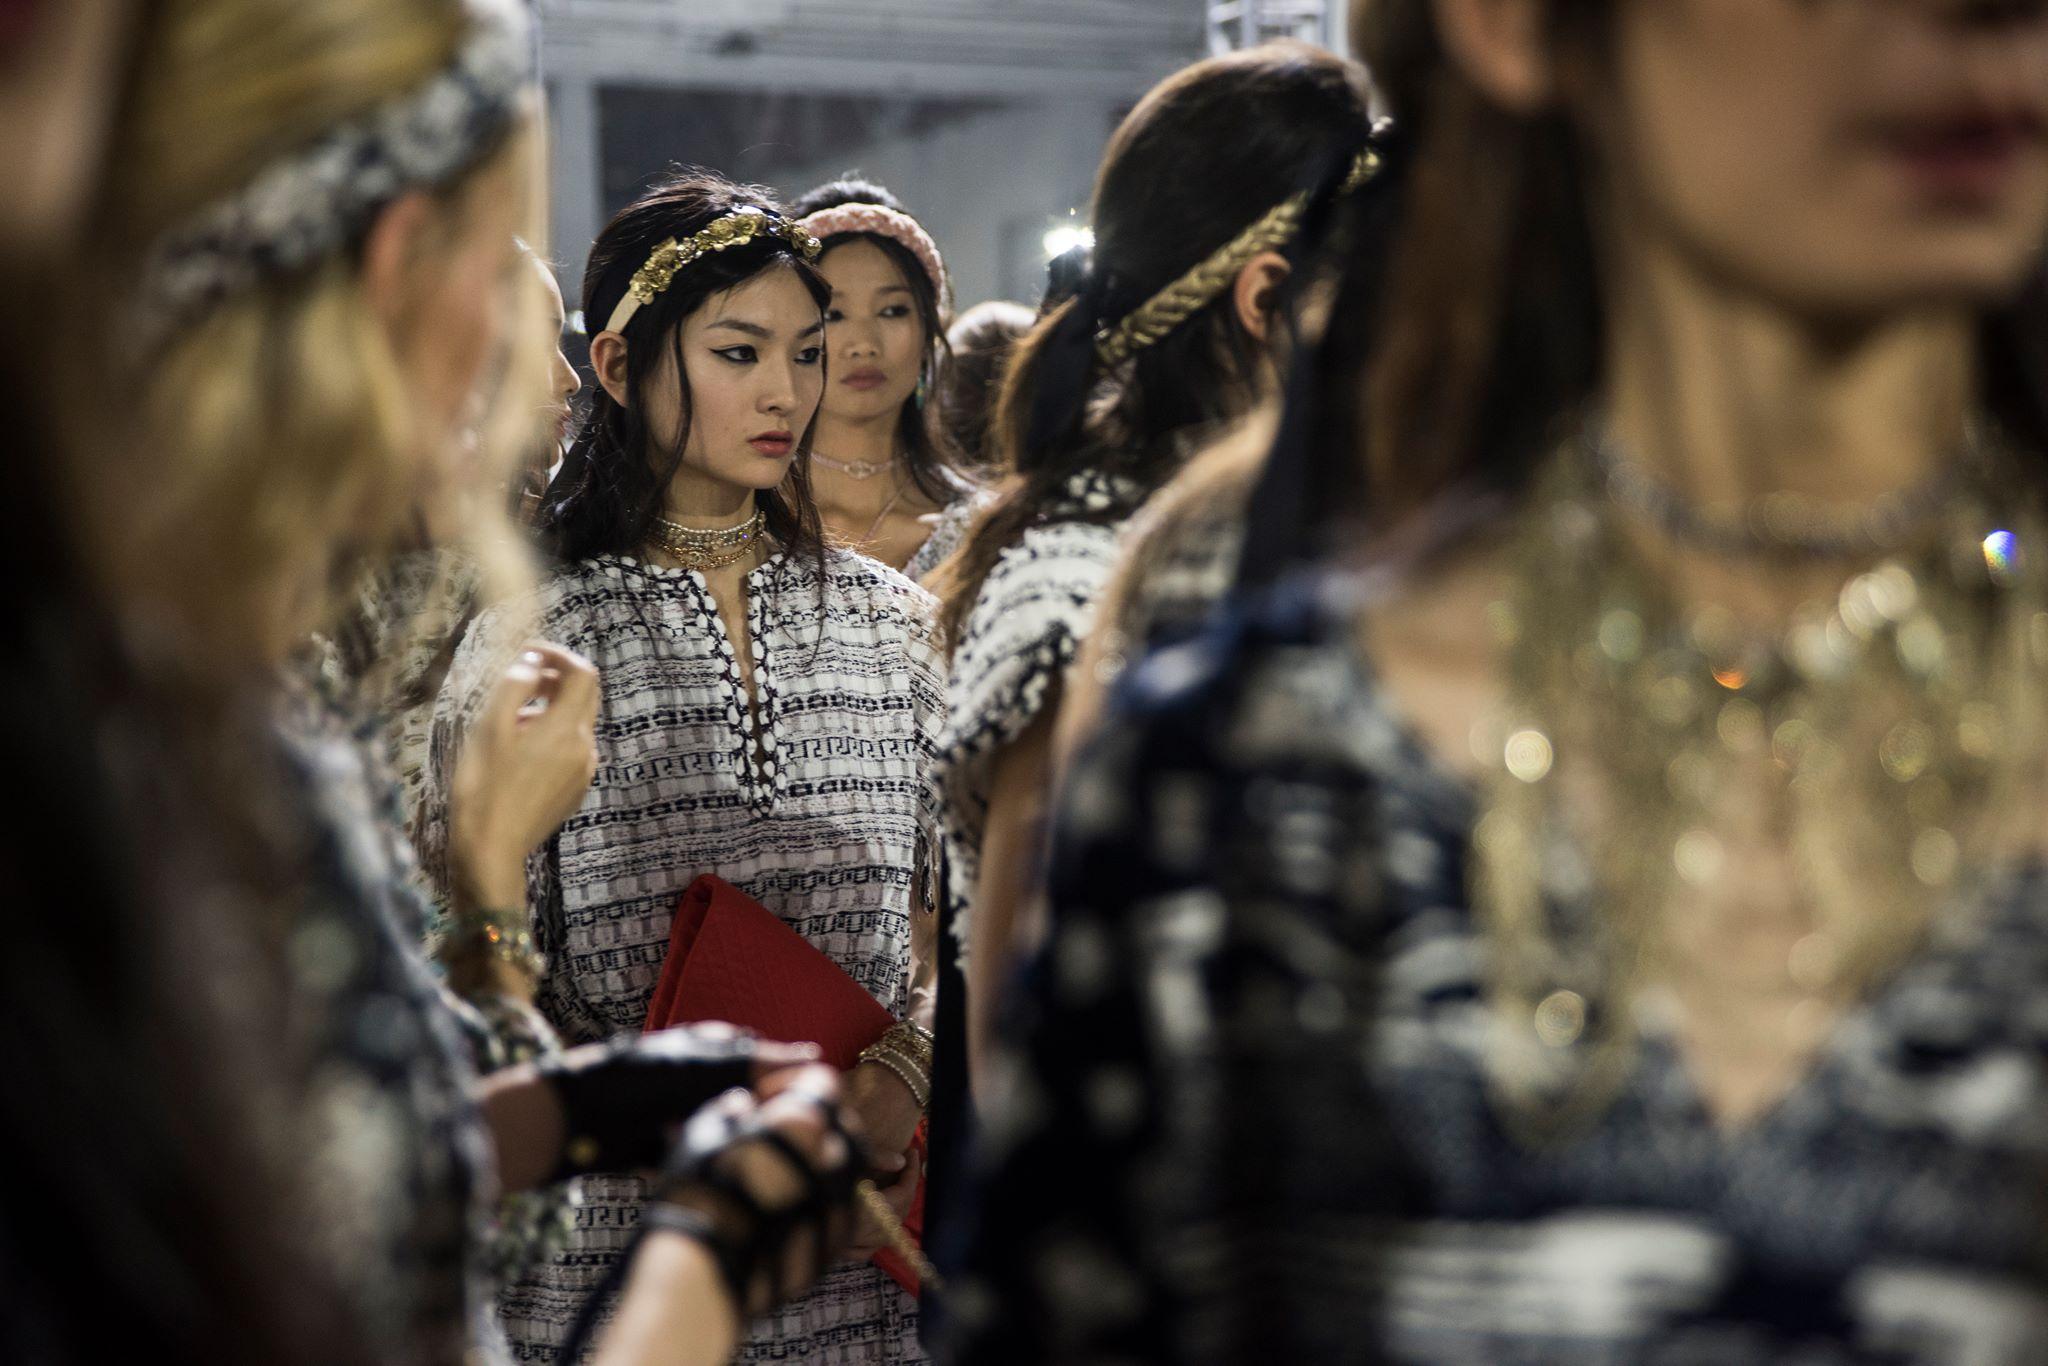 Nuova sfilata in Cina per la Chanel Cruise 2018, foto